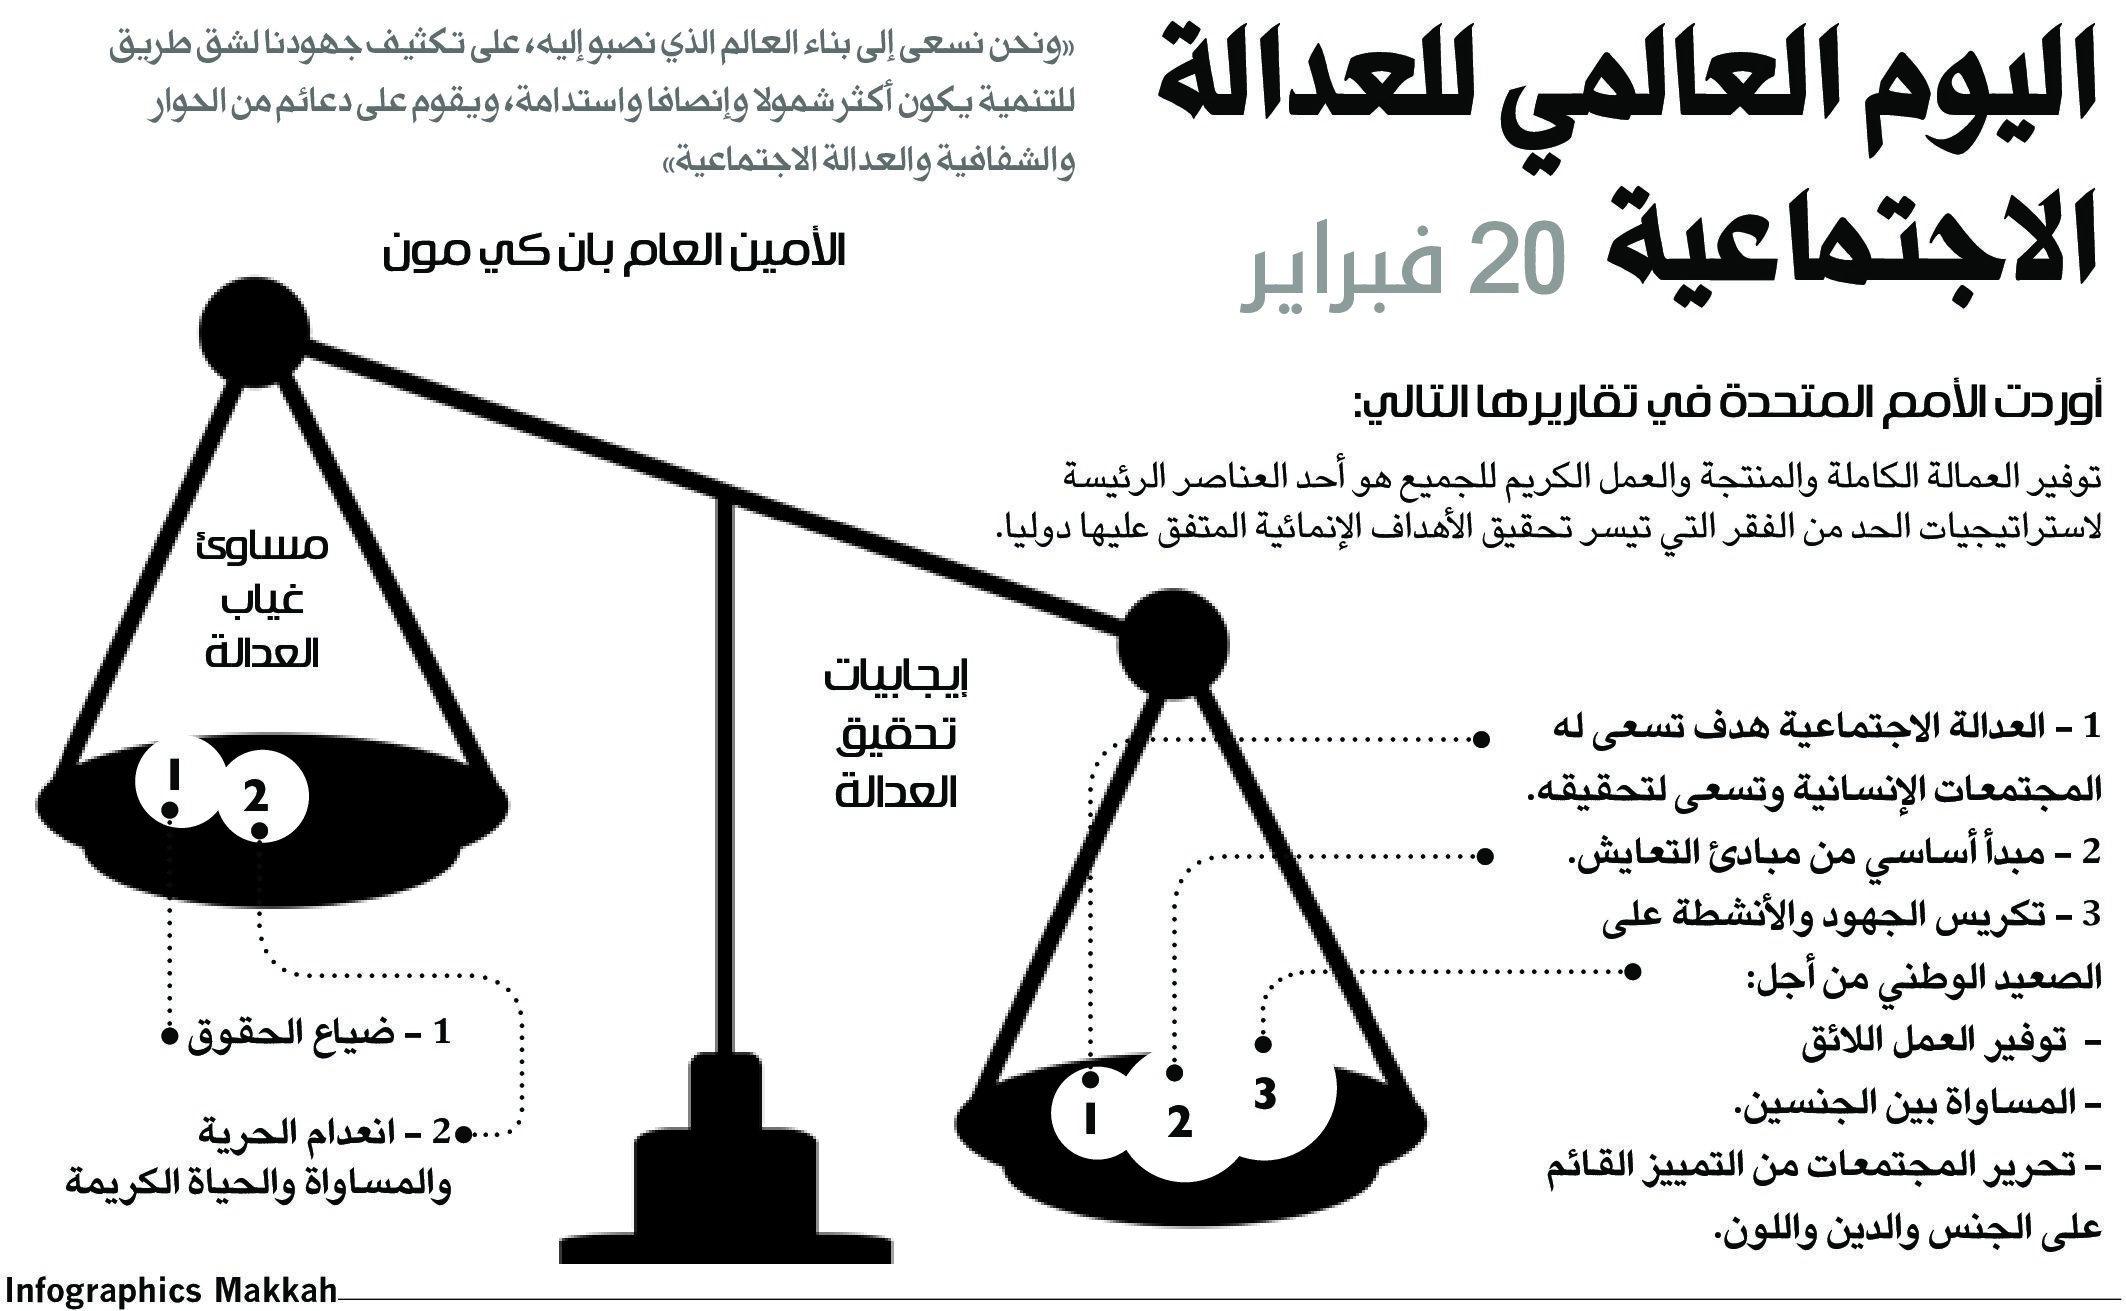 اليوم العالمي للعدالة الاجتماعية 20 فبراير صحيفةـمكة انفوجرافيك الأيام العالمية Makkah Infographic